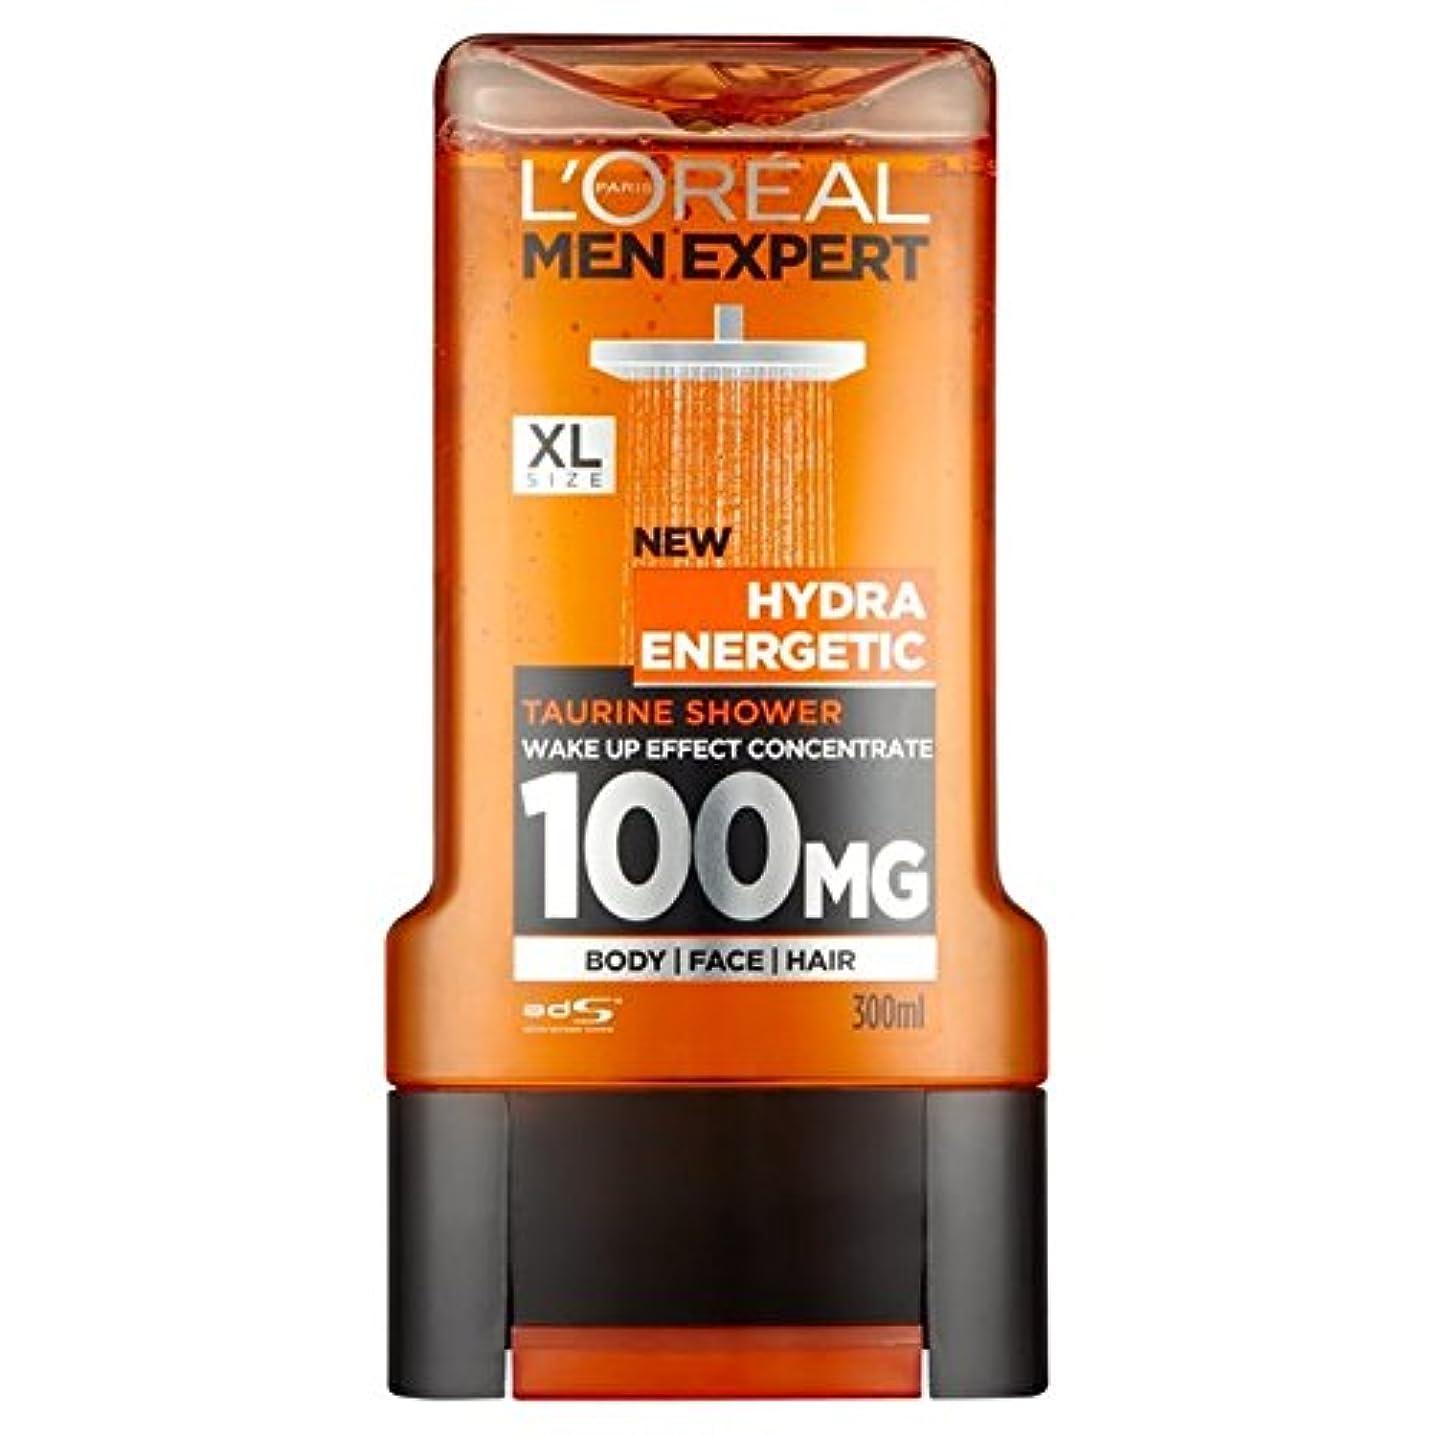 ハンカチ艦隊憂慮すべきL'Oreal Paris Men Expert Hydra Energetic Shower Gel 300ml - ロレアルパリのメンズ専門家ヒドラエネルギッシュなシャワージェル300ミリリットル [並行輸入品]